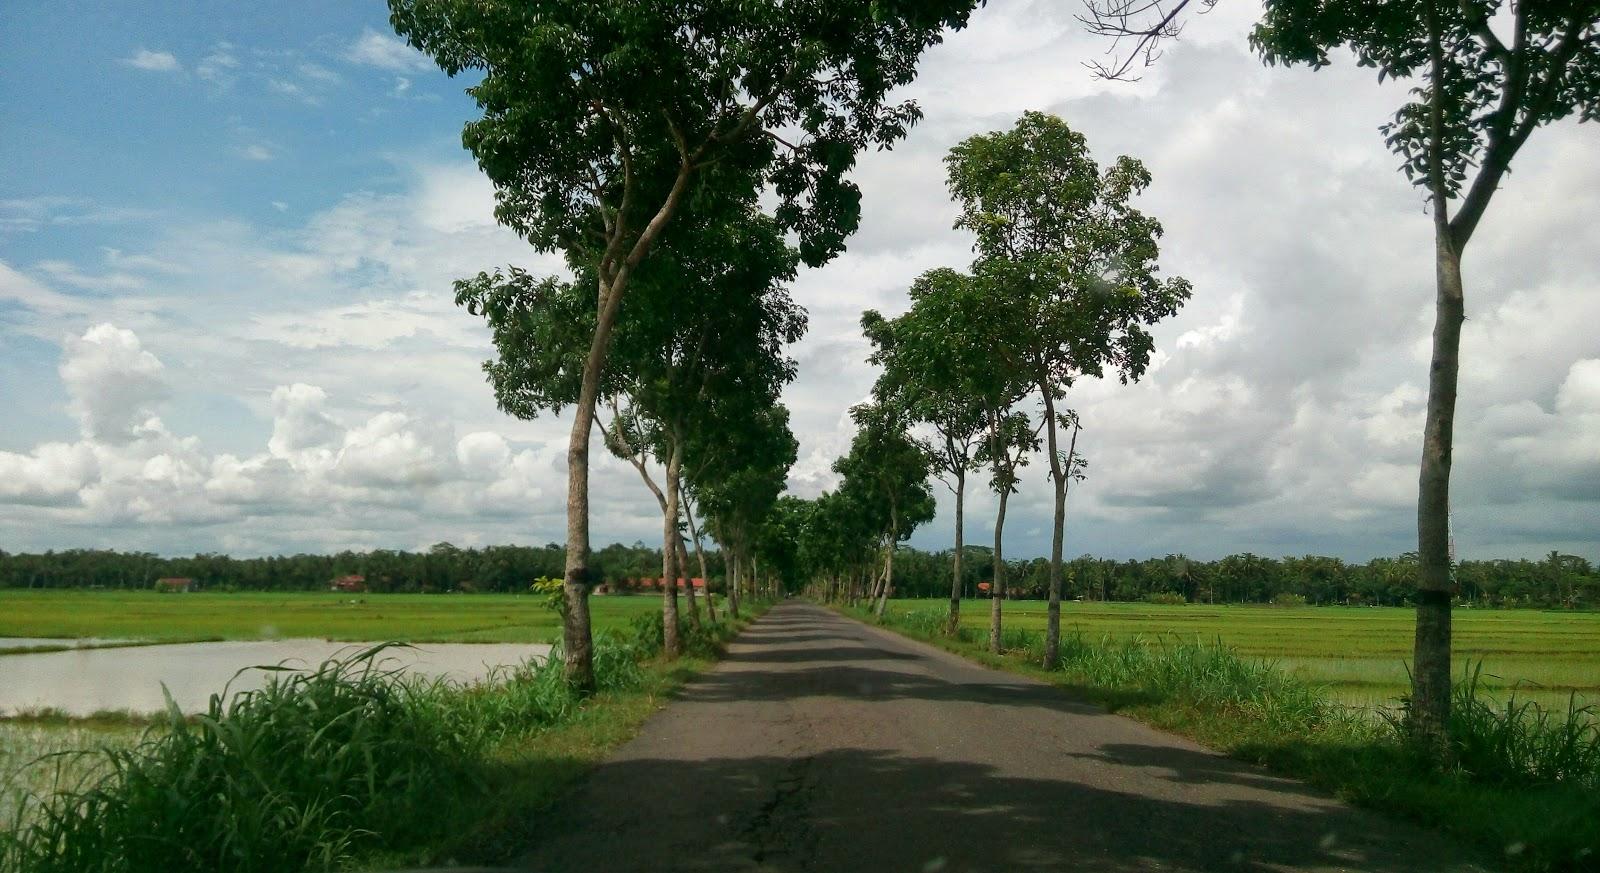 jalanan Indah di jawa tengah, jalan raya di pesawahan, jalan raya di perkebunan